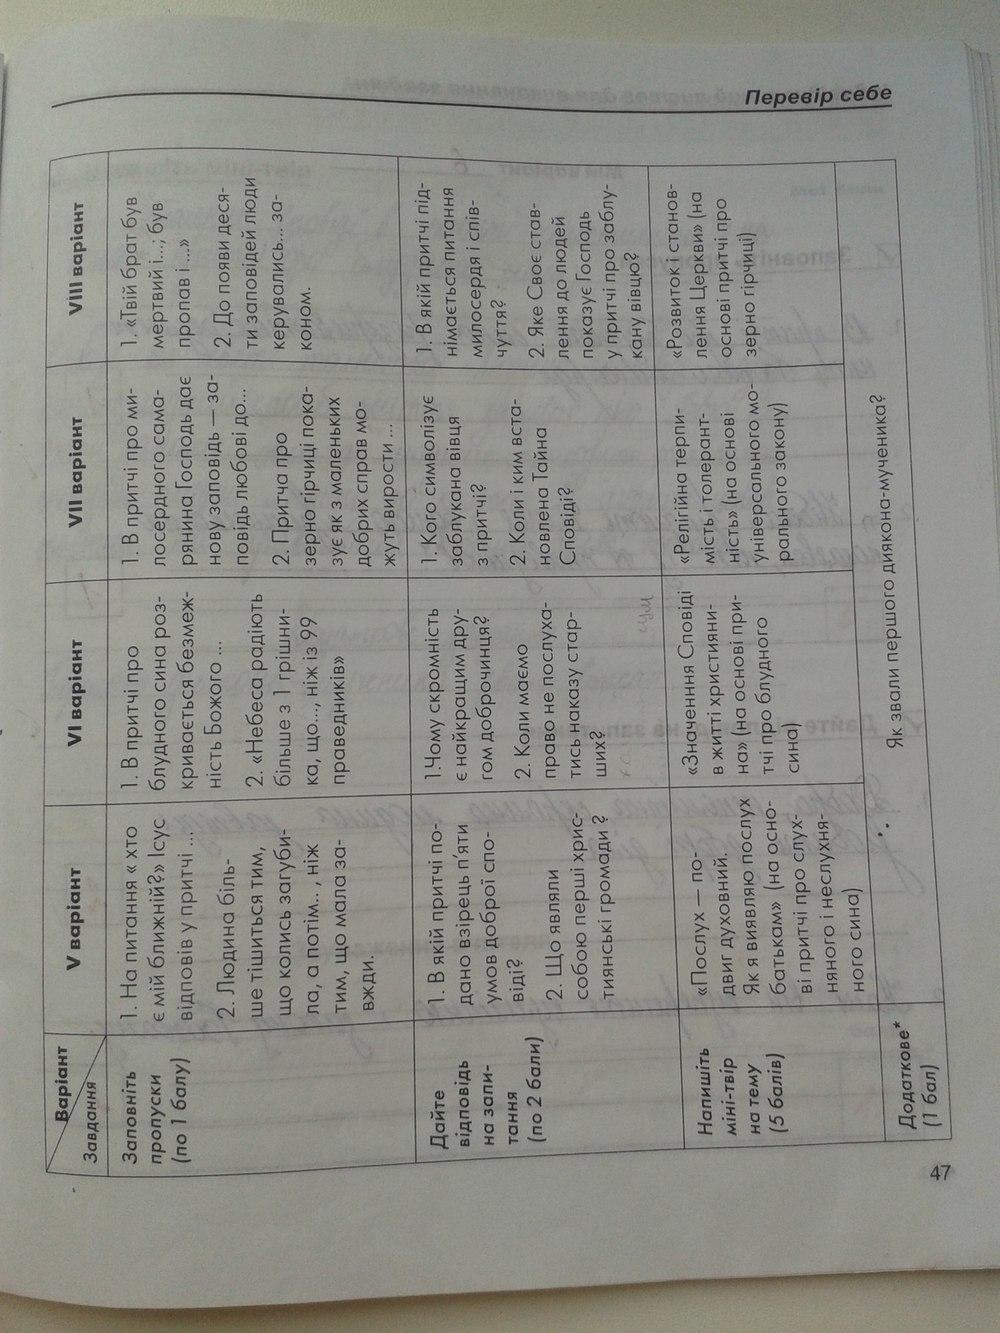 ГДЗ відповіді робочий зошит по этике 6 класс Г.О. Кізілова. Задание: стр. 47